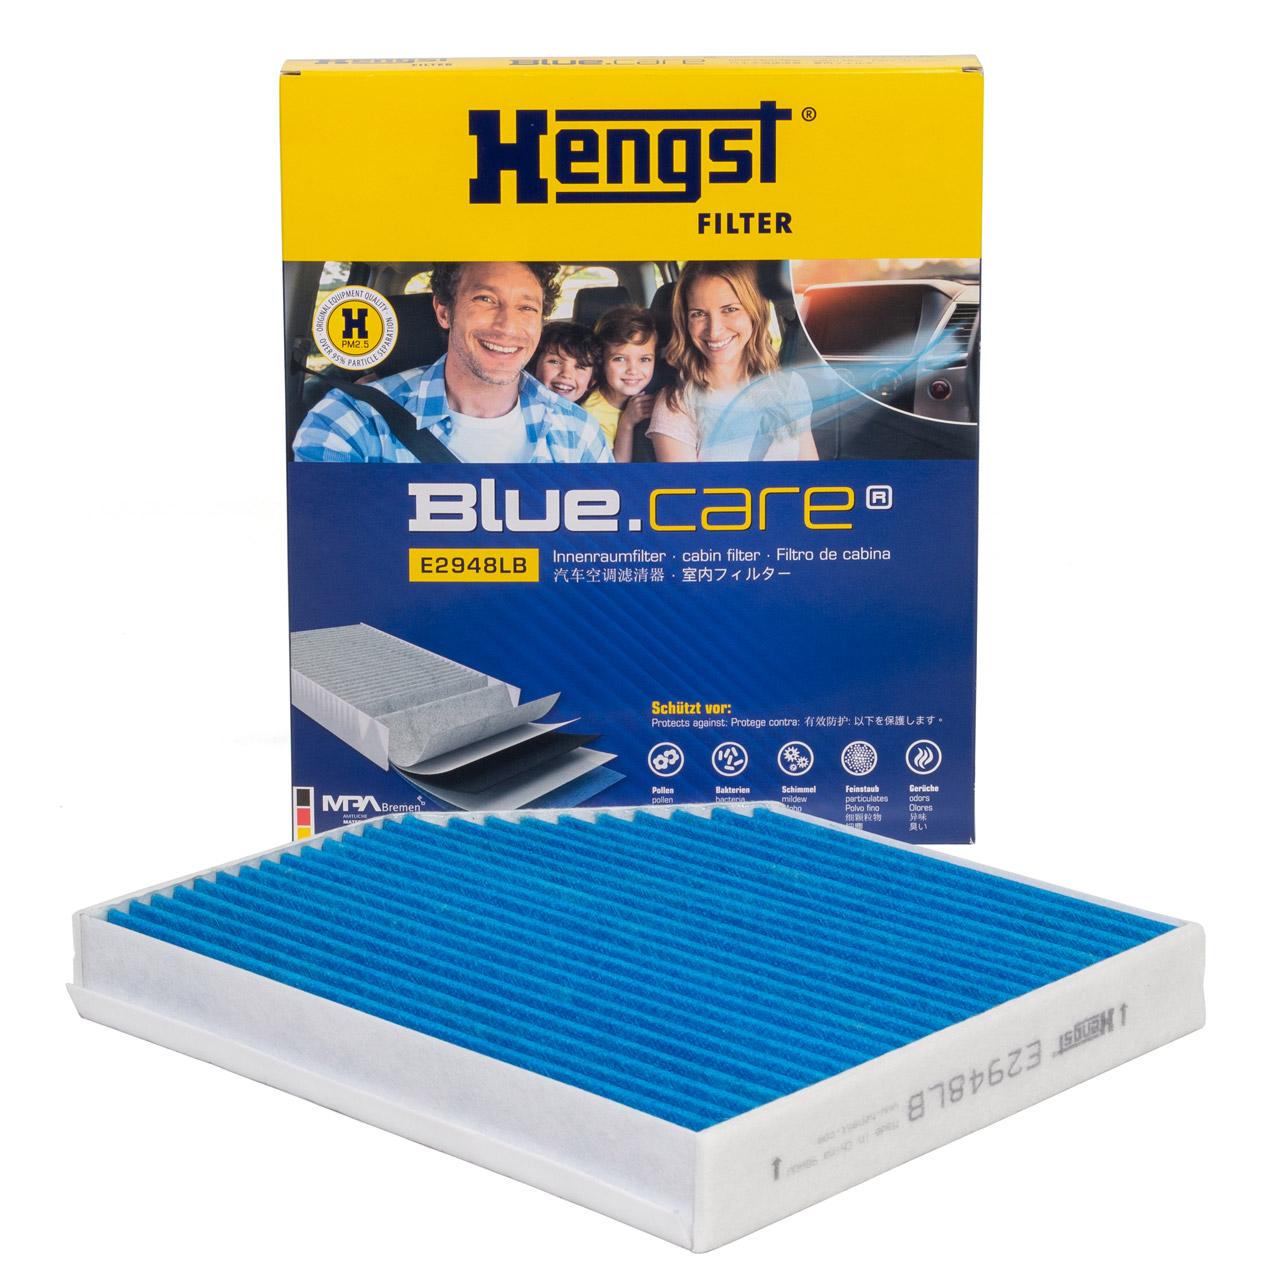 HENGST E2948LB BLUE CARE Innenraumfilter ANTIBAKTERIELL für AUDI A4 B8 A5 Q5 8R